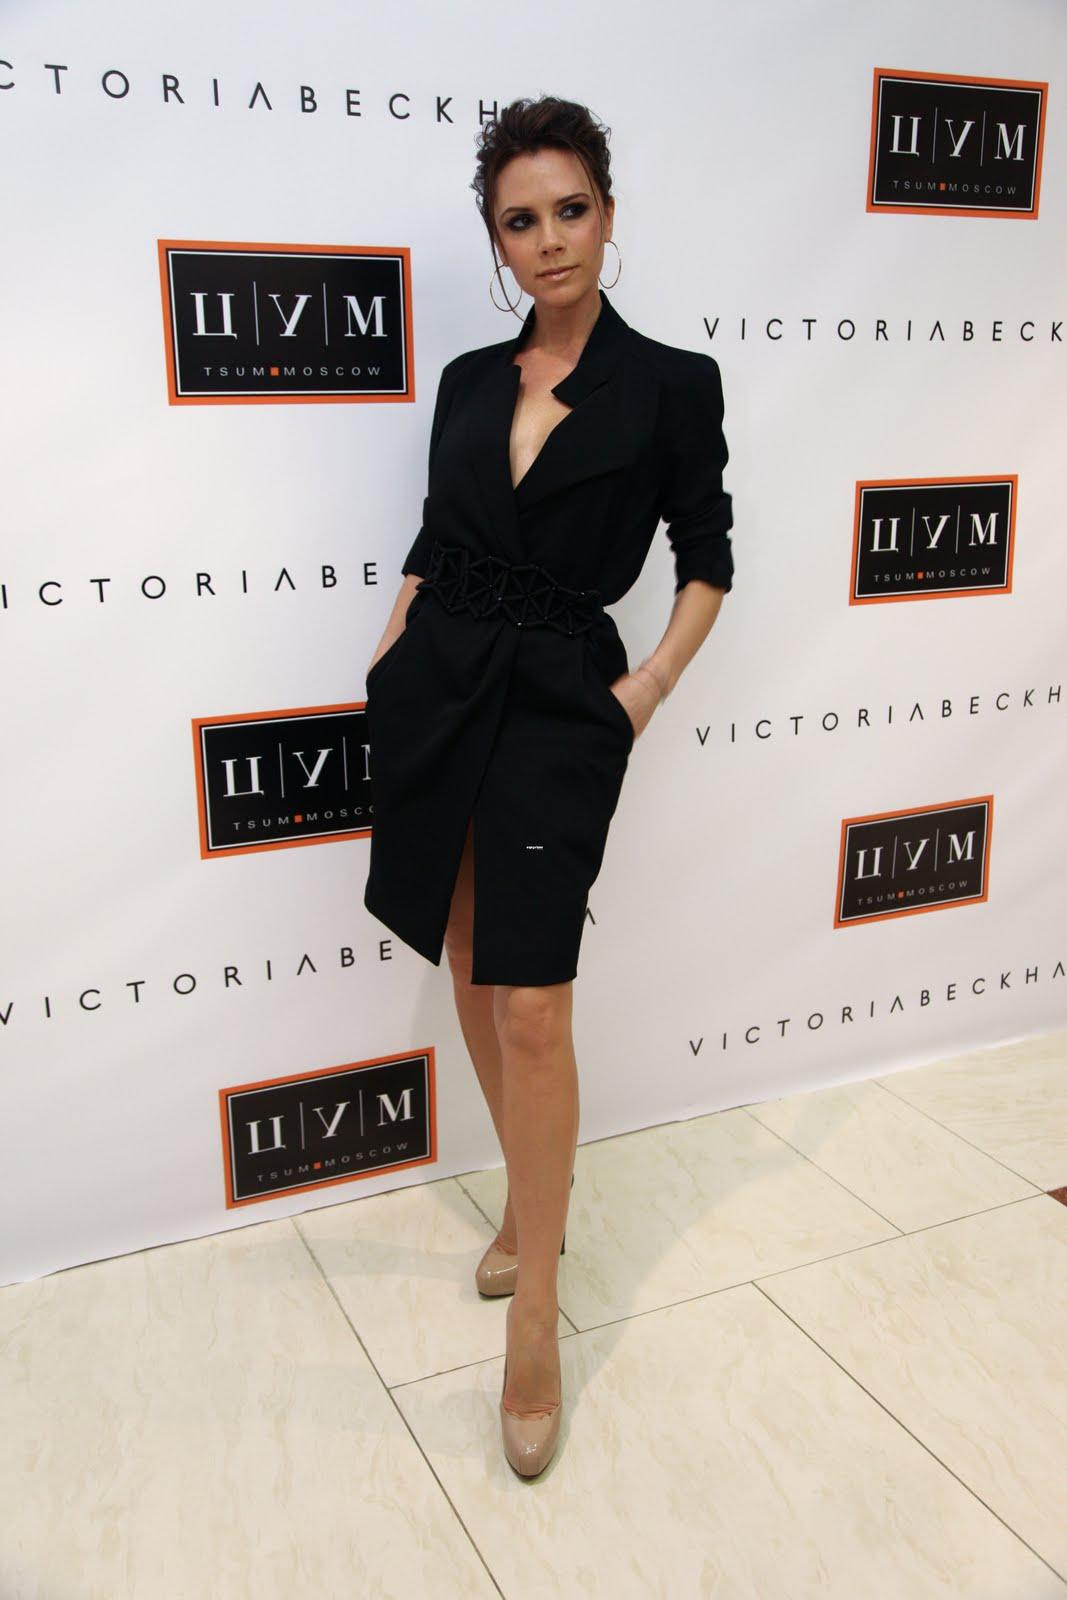 http://4.bp.blogspot.com/_6A8j2EQmANk/S8RNC4luPpI/AAAAAAAAA4I/wTPv4ULlgAg/s1600/Victoria+Beckham1.jpg